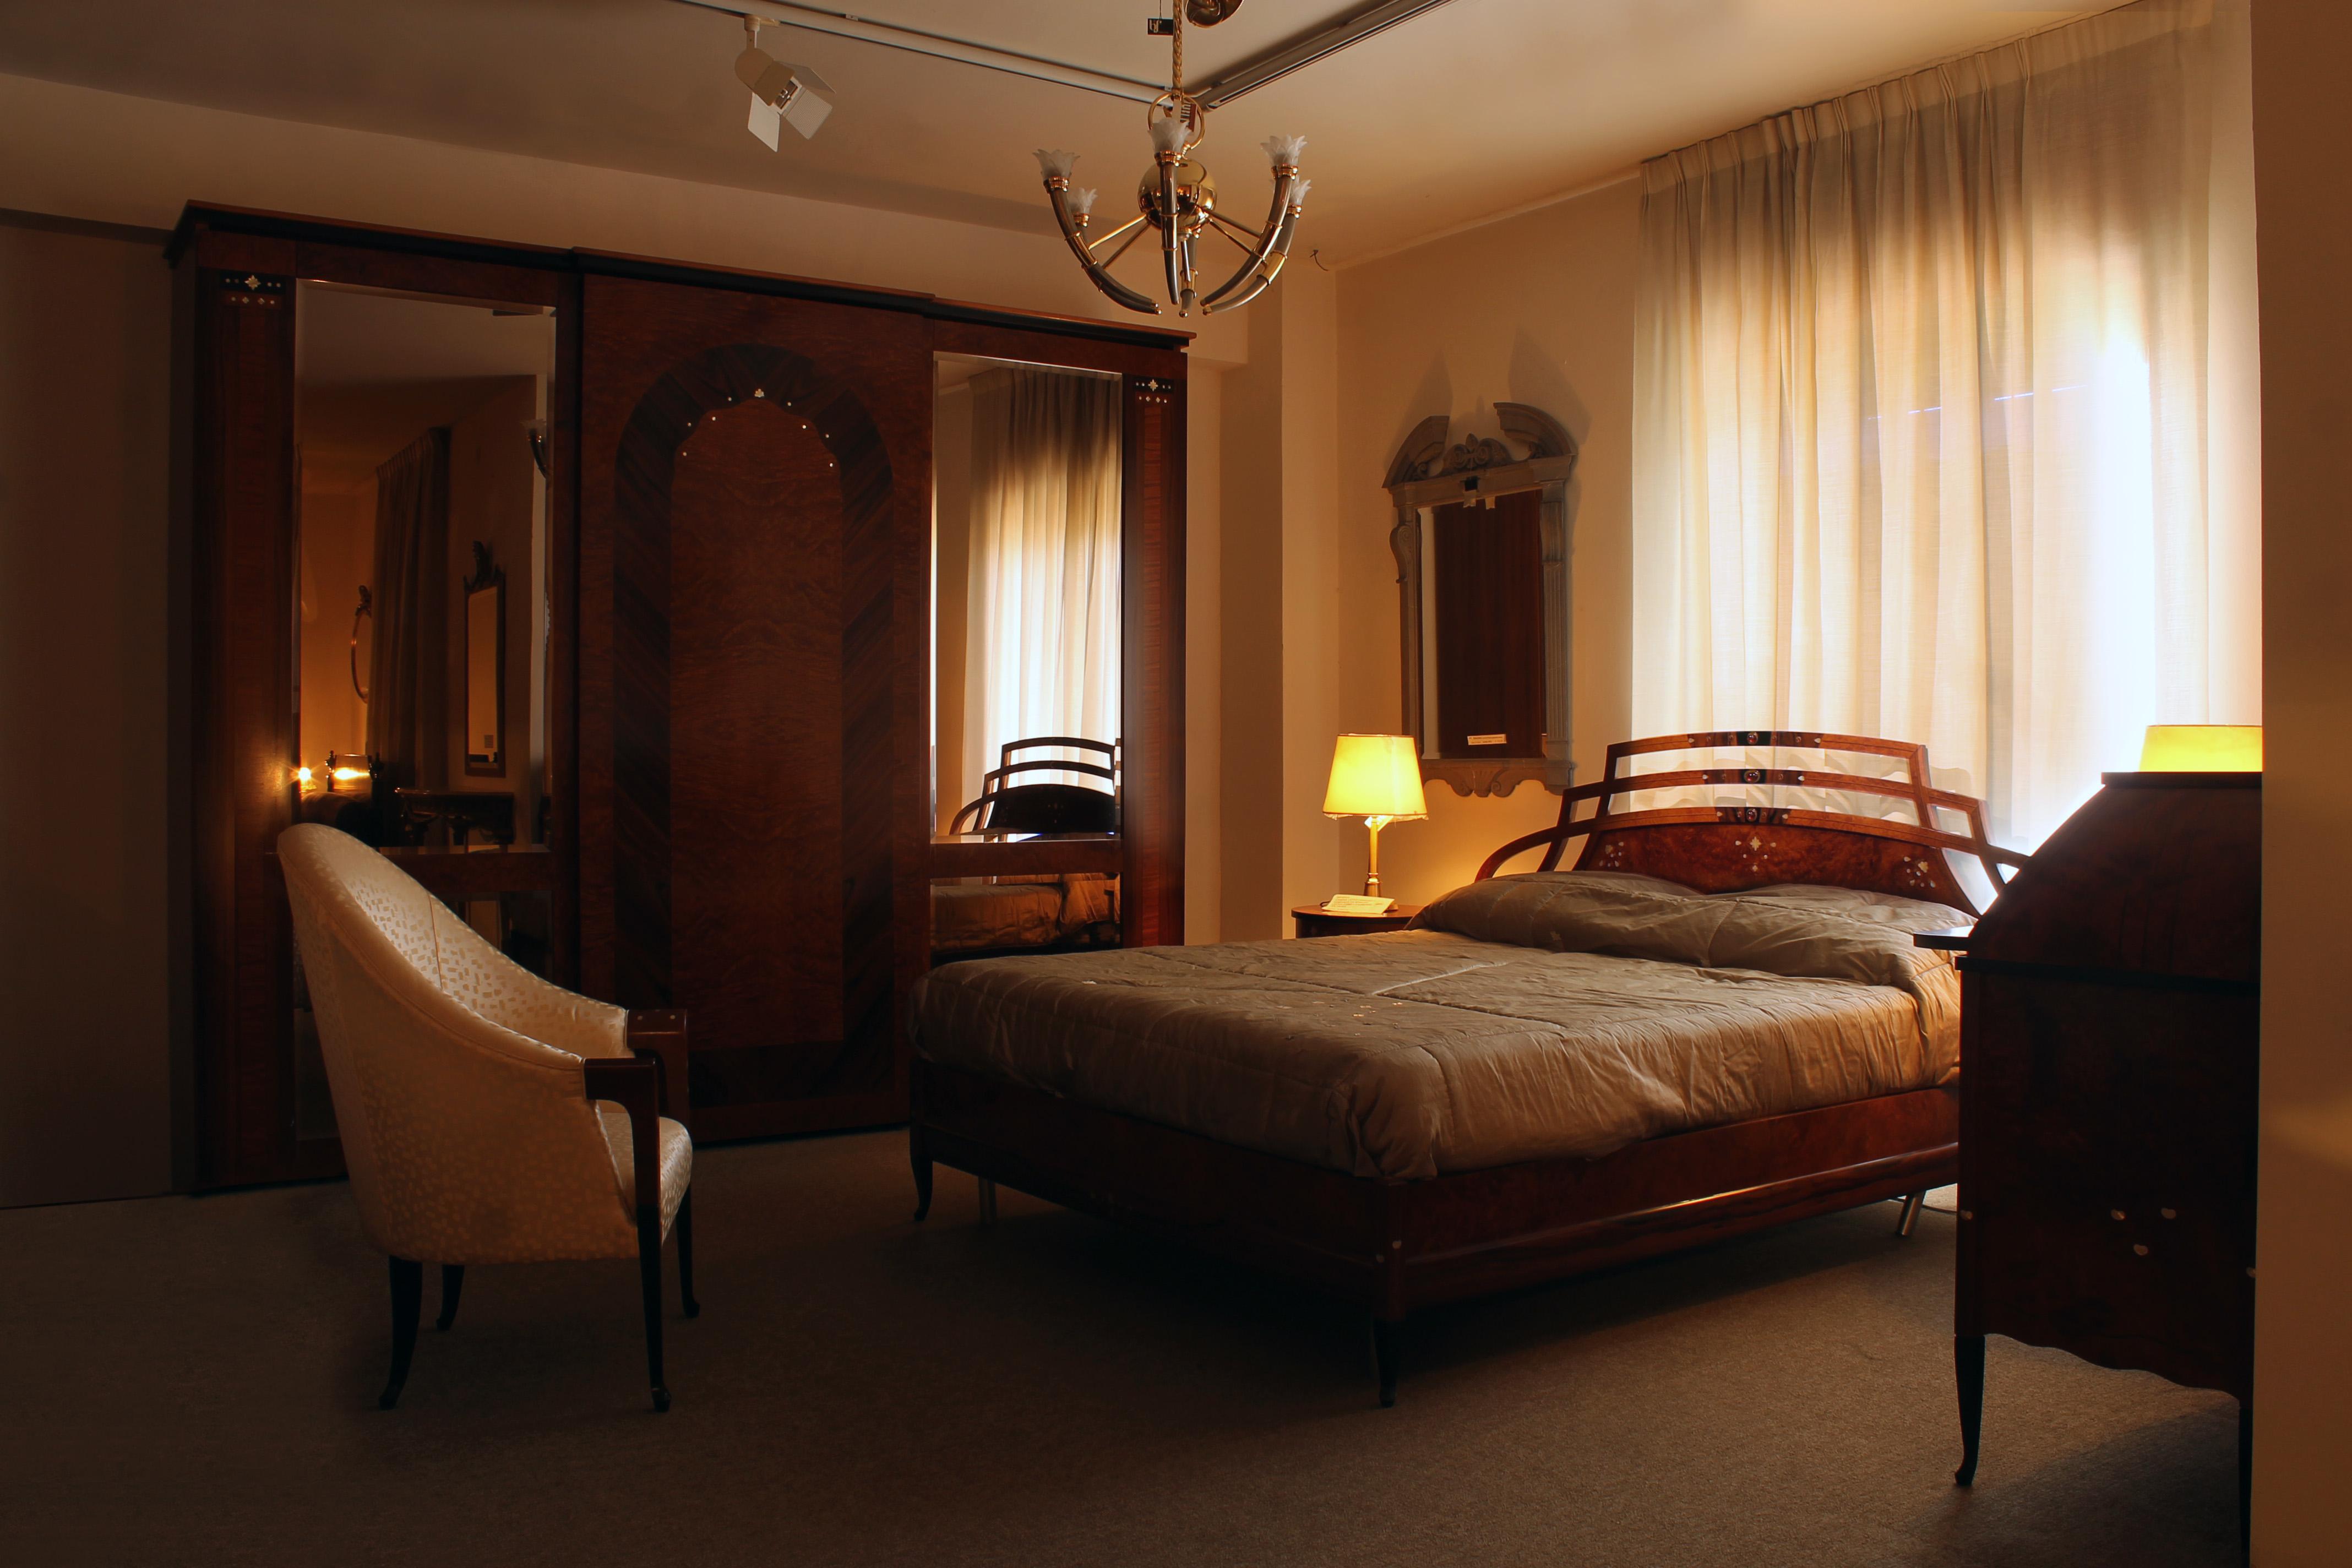 Leonetti arredamenti outlet classico notte for Camera di letto completa